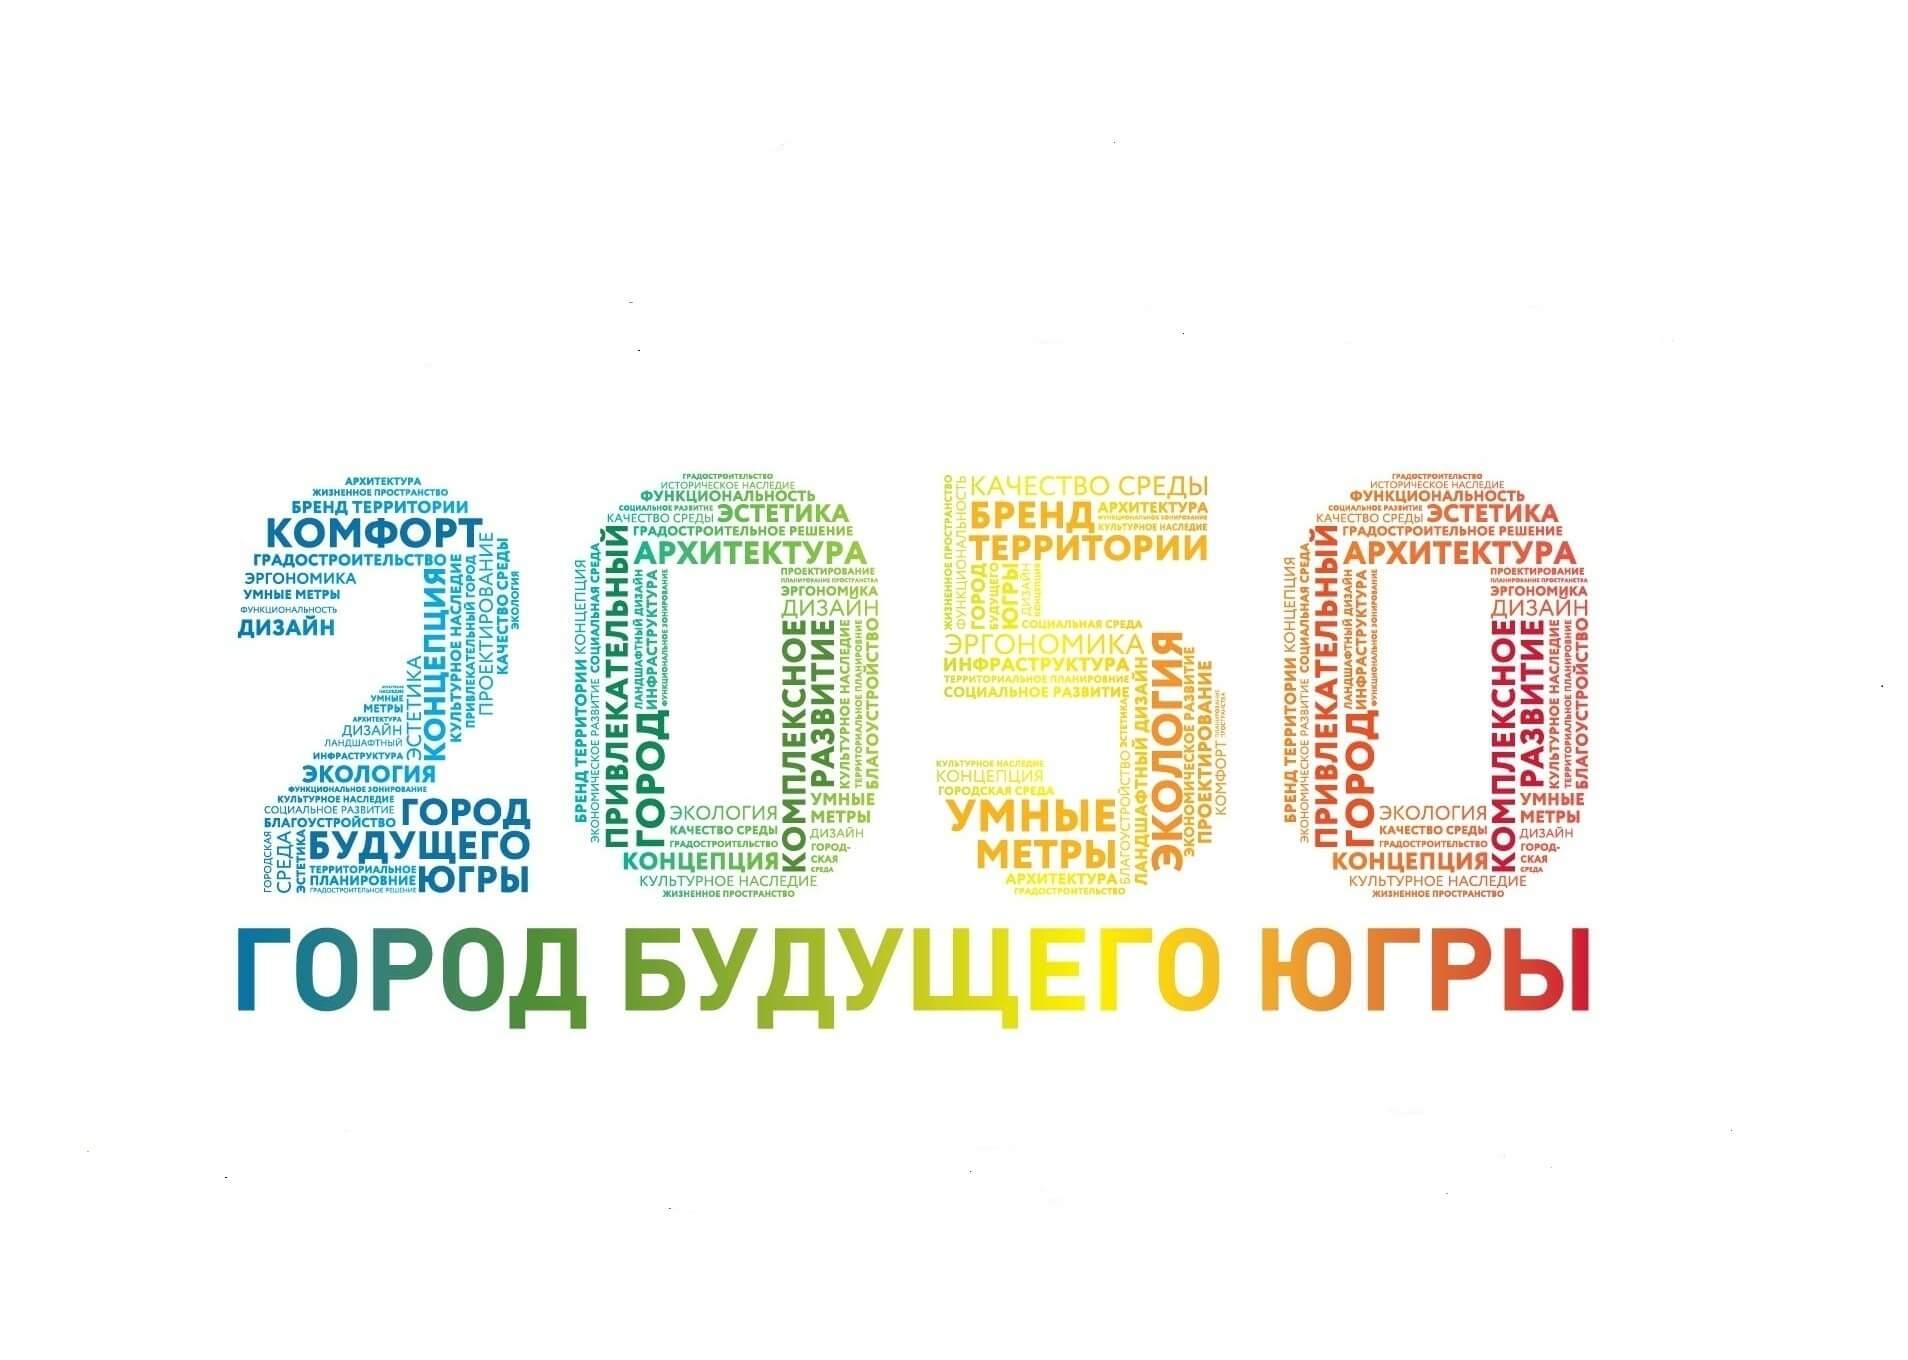 «Общественное пространство города будущего Югры 2050»